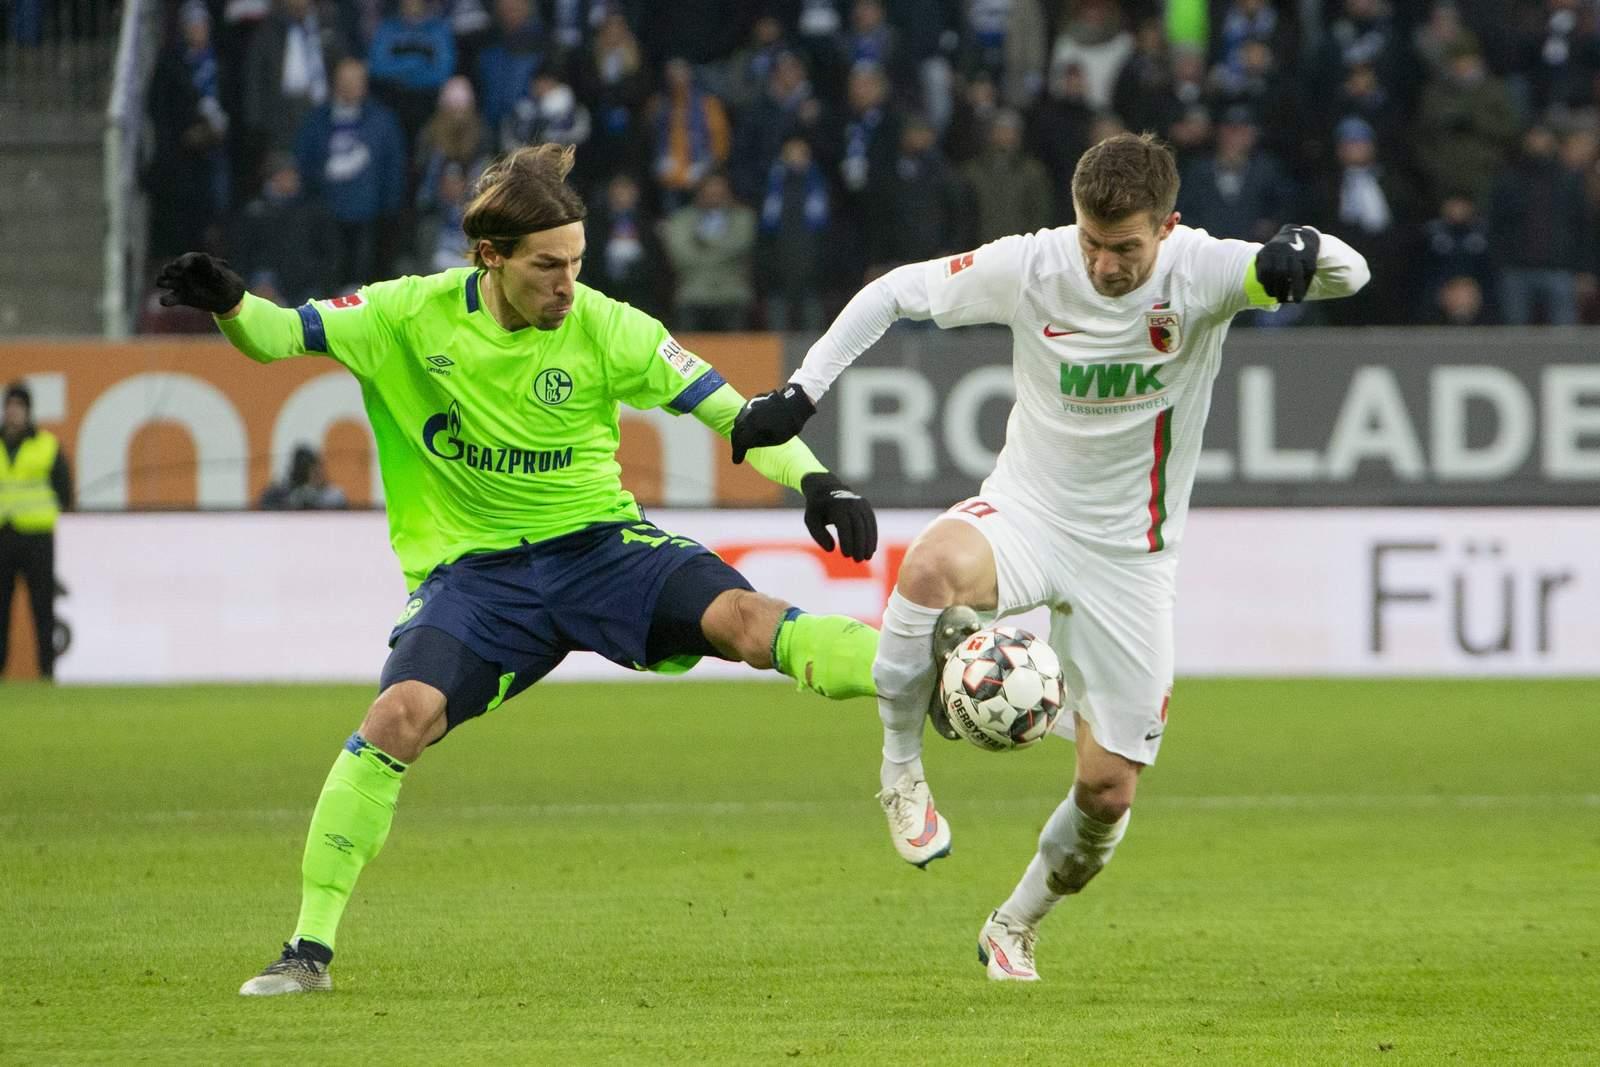 Kann Benjamin Stambouli gegen Augsburg die Punkte in der Arena behalten? Jetzt auf Schalke gegen Augsburg wetten!